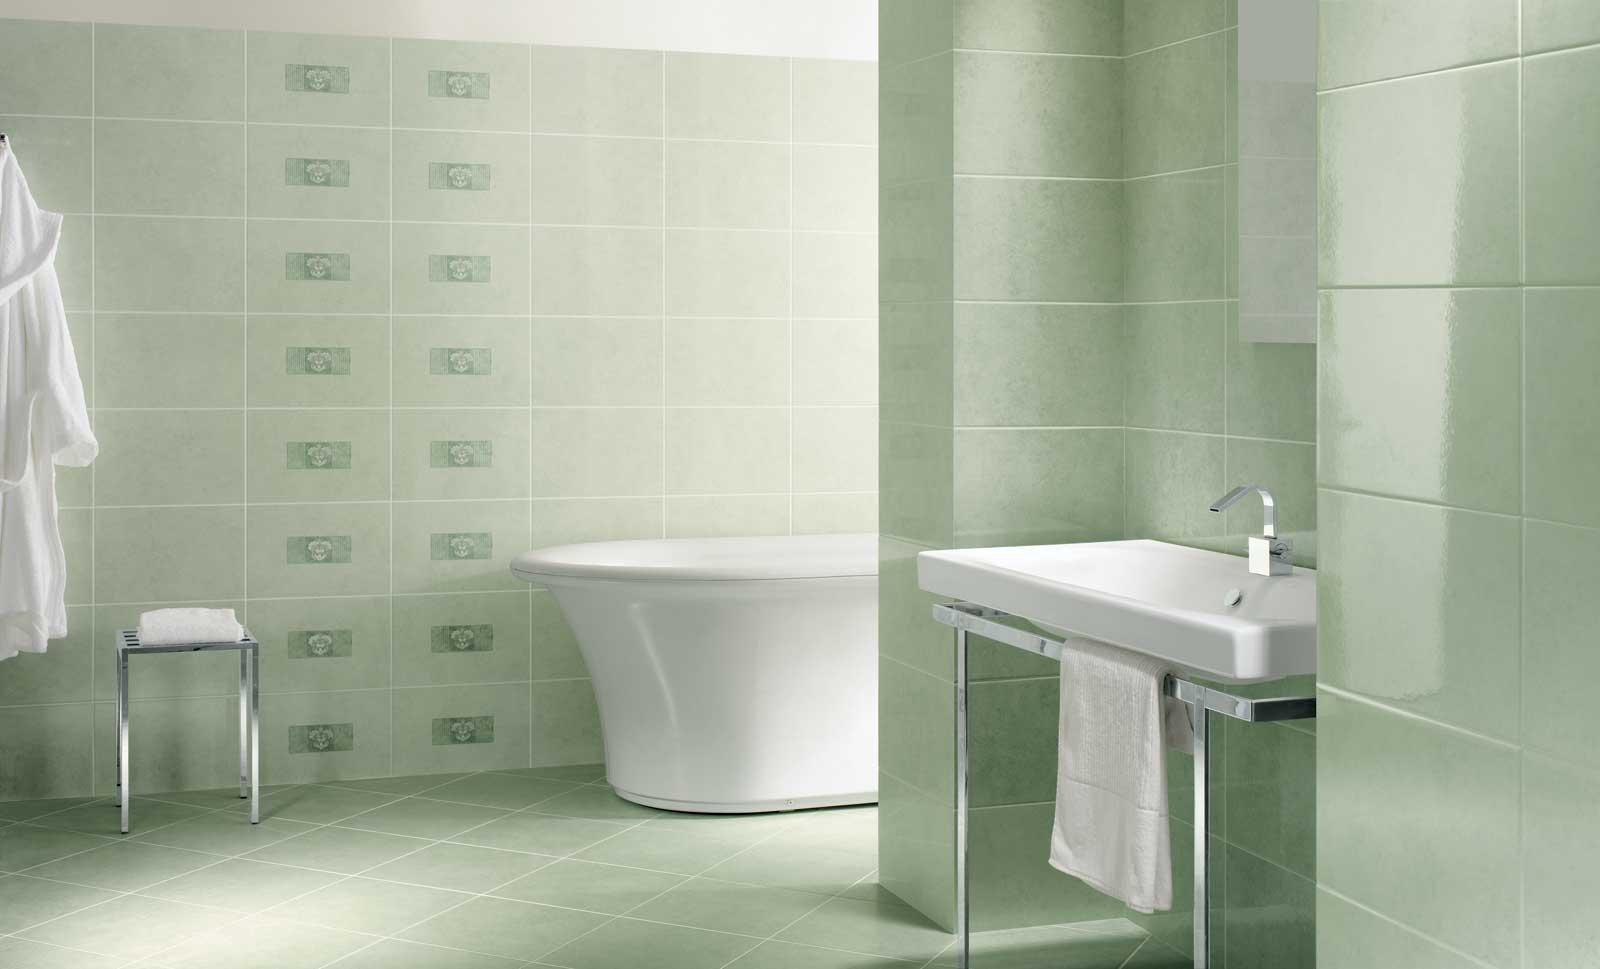 Ricordi rivestimento bagno classico marazzi - Piastrelle per bagno classico ...